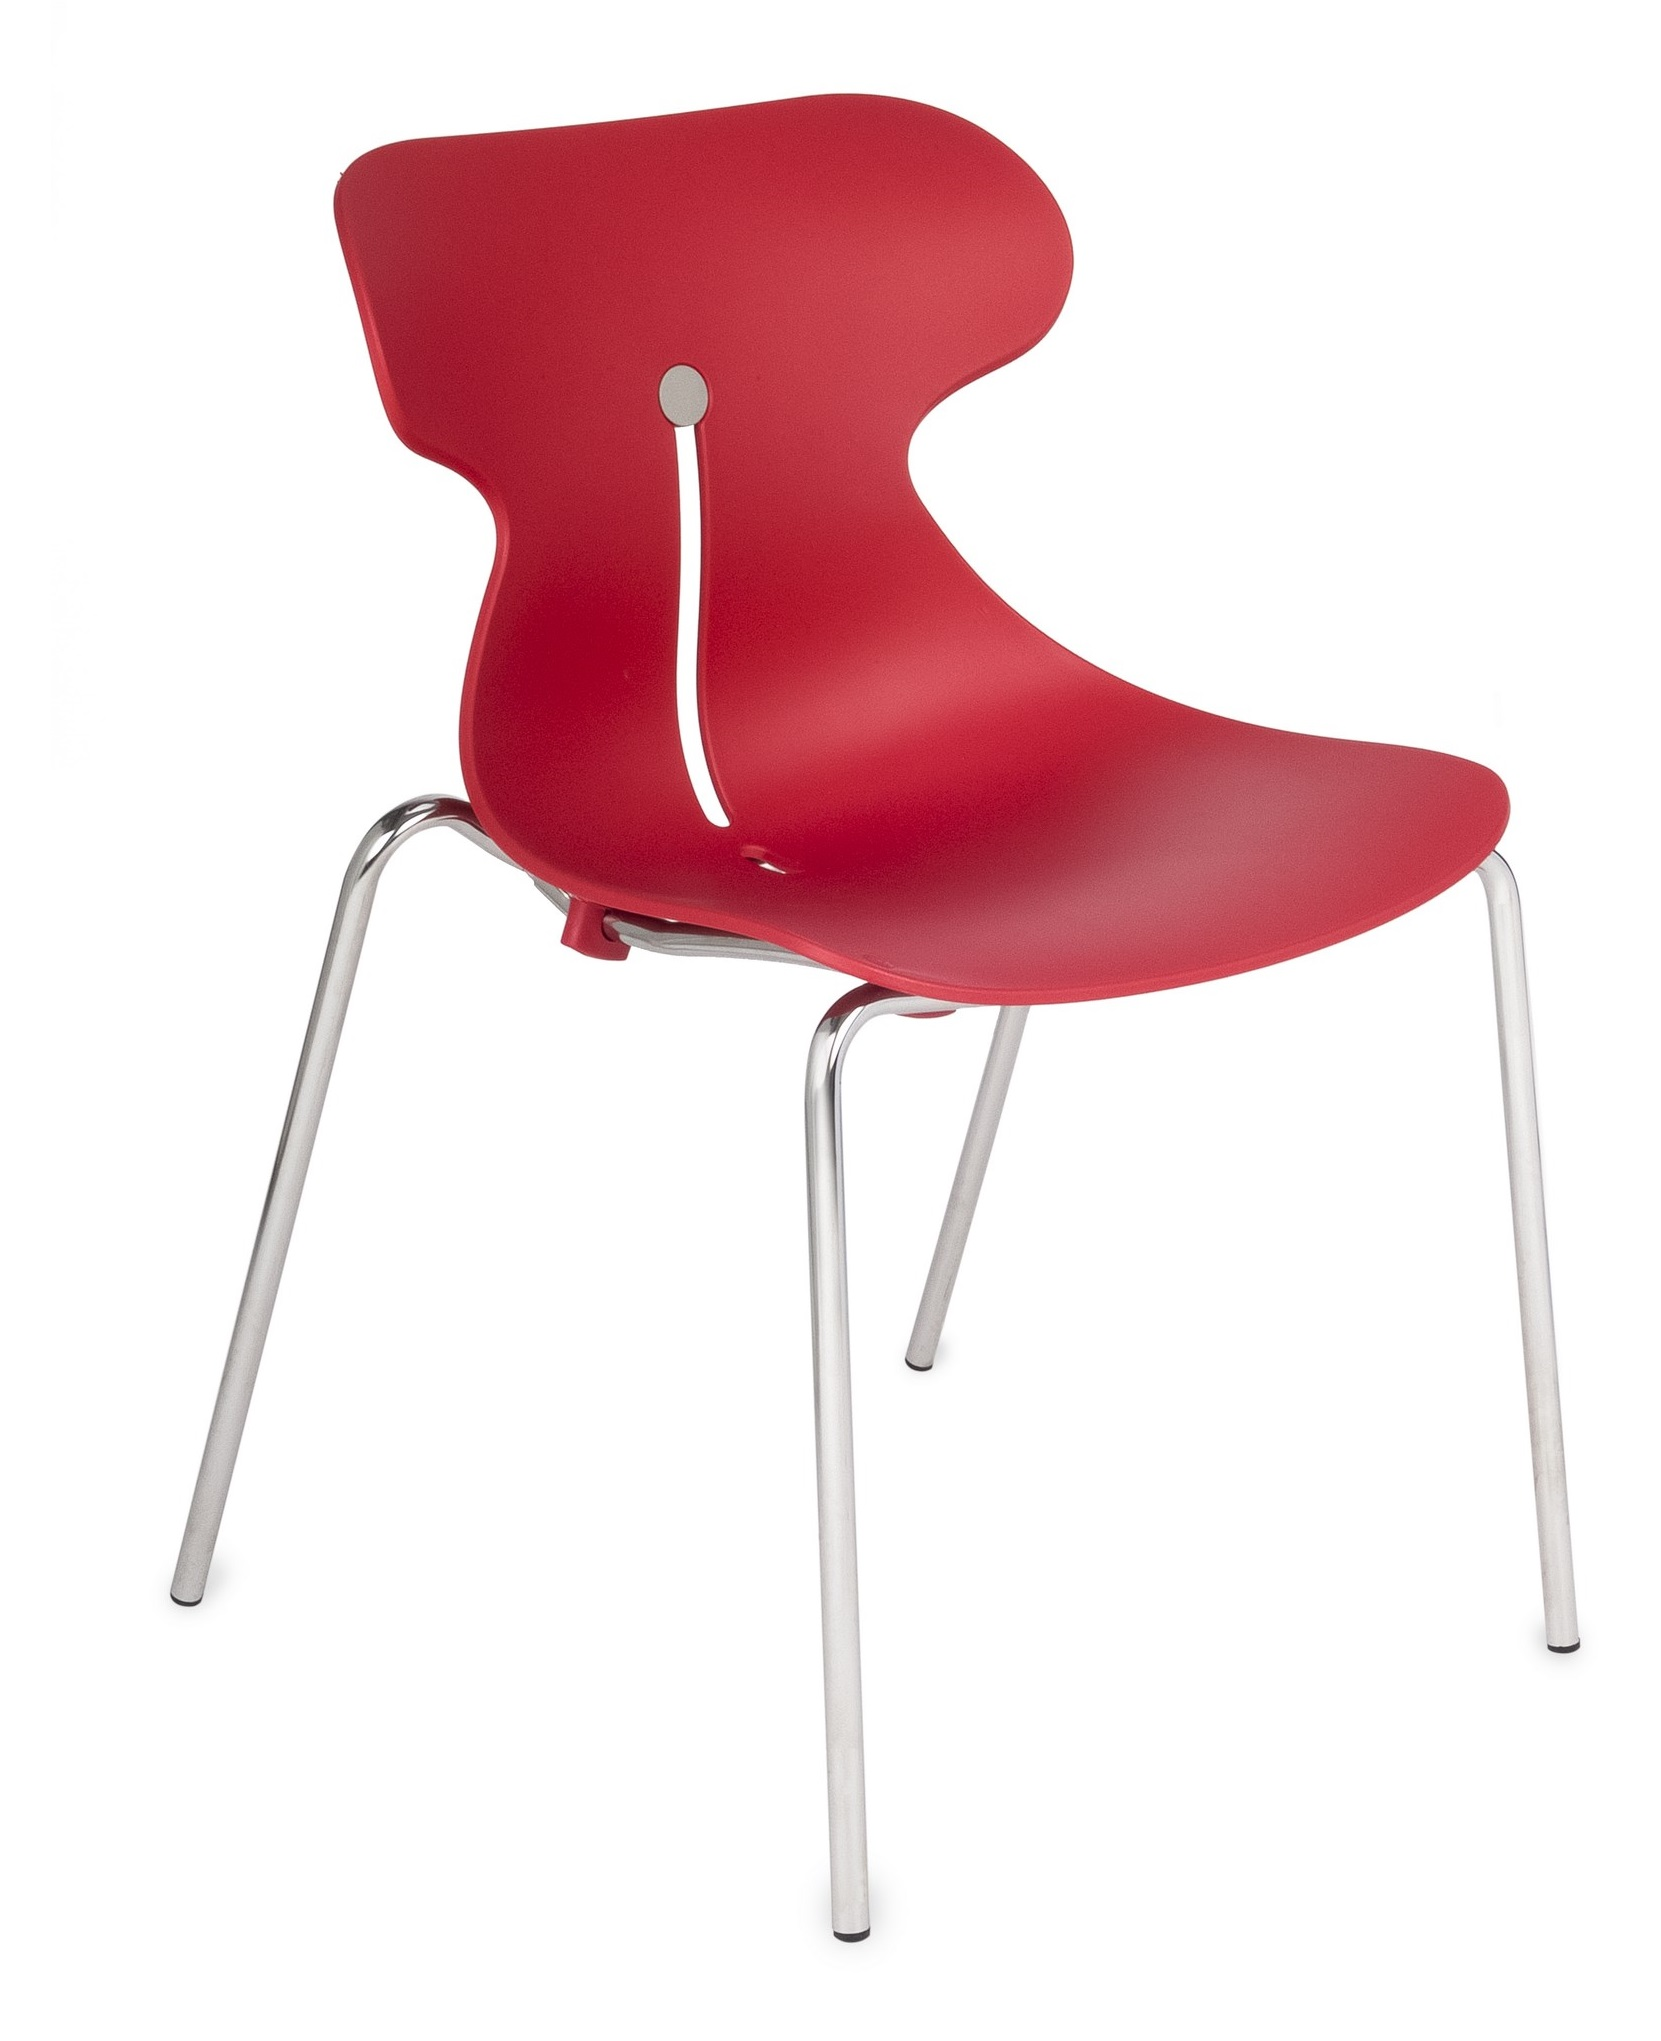 Mariquita red